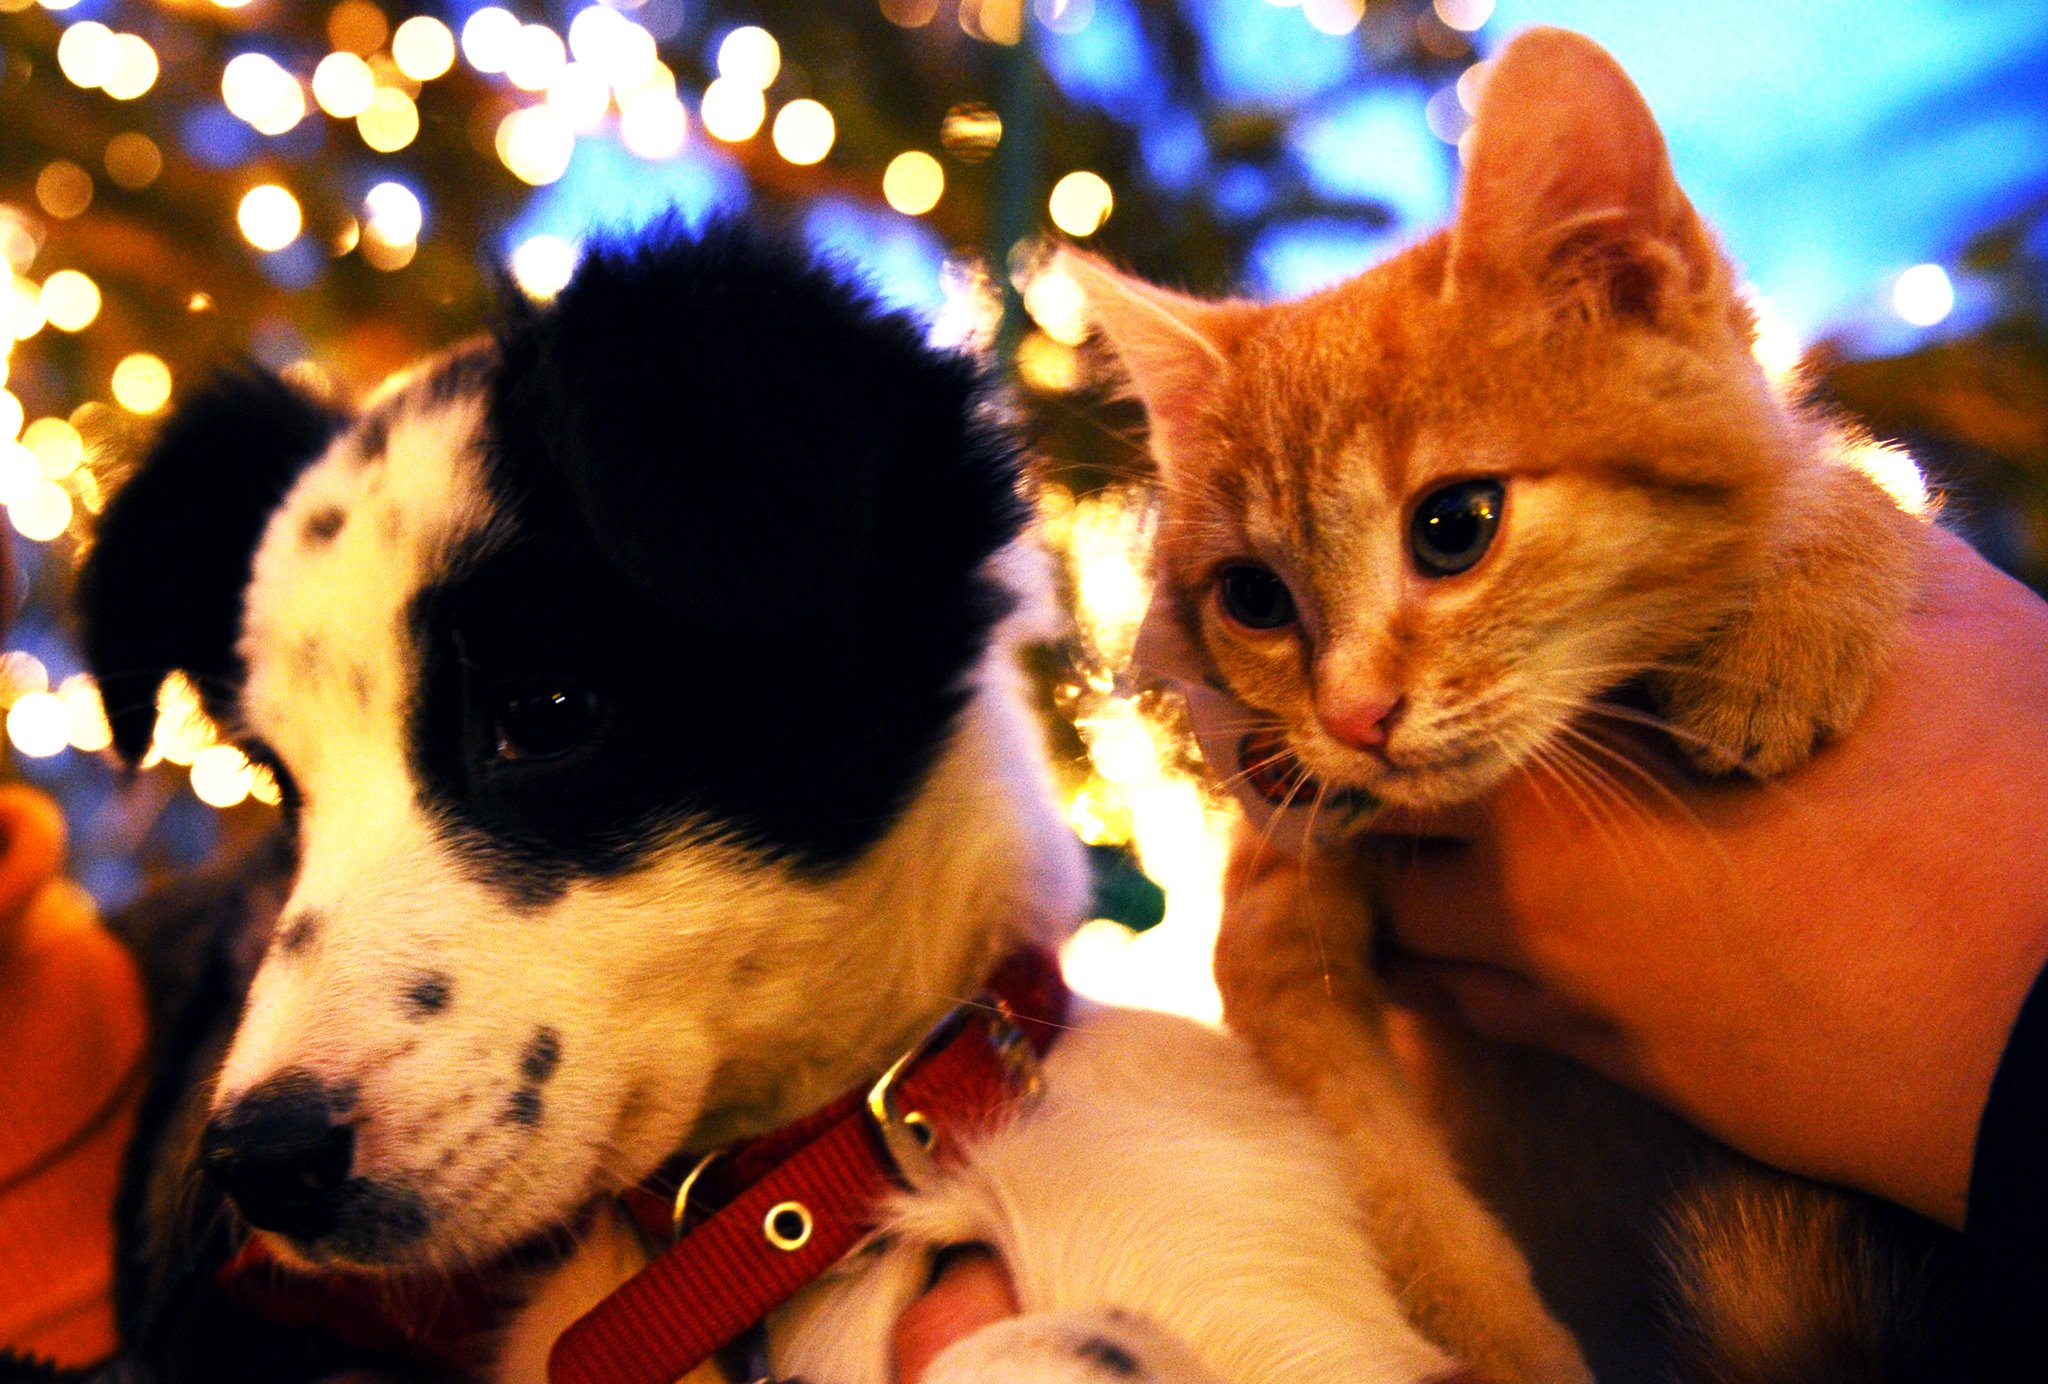 Campanie de adoptii pentru animalele la targul de Craciun de la Sibiu